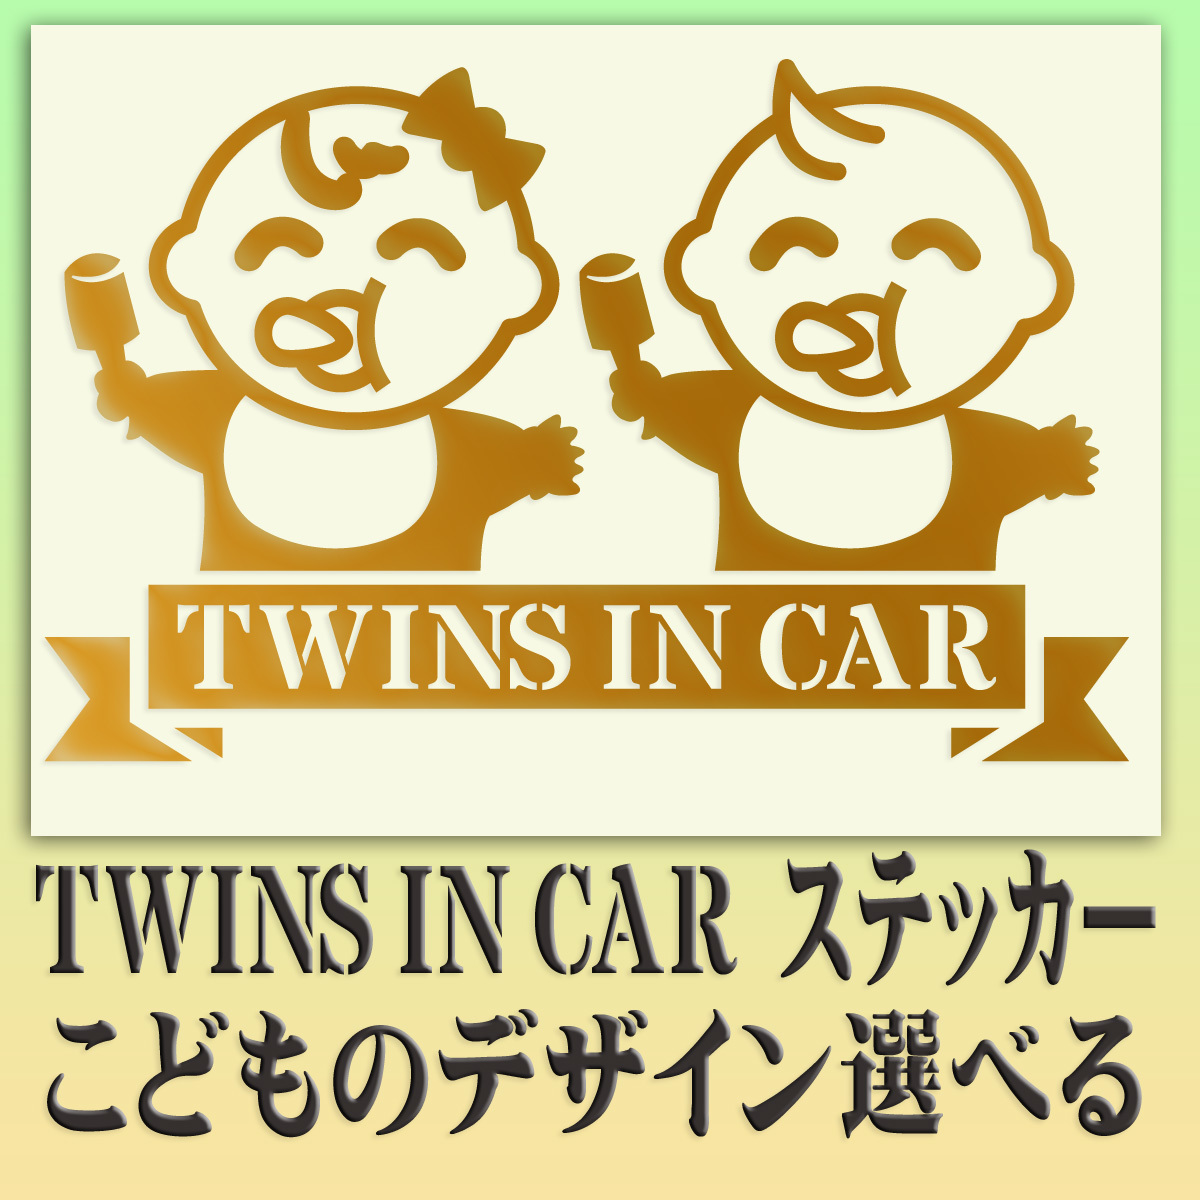 ☆TWINS IN CAR かわいい双子のベビーインカーステッカー お子様のデザイン・金色または銀色選べます。246_画像1